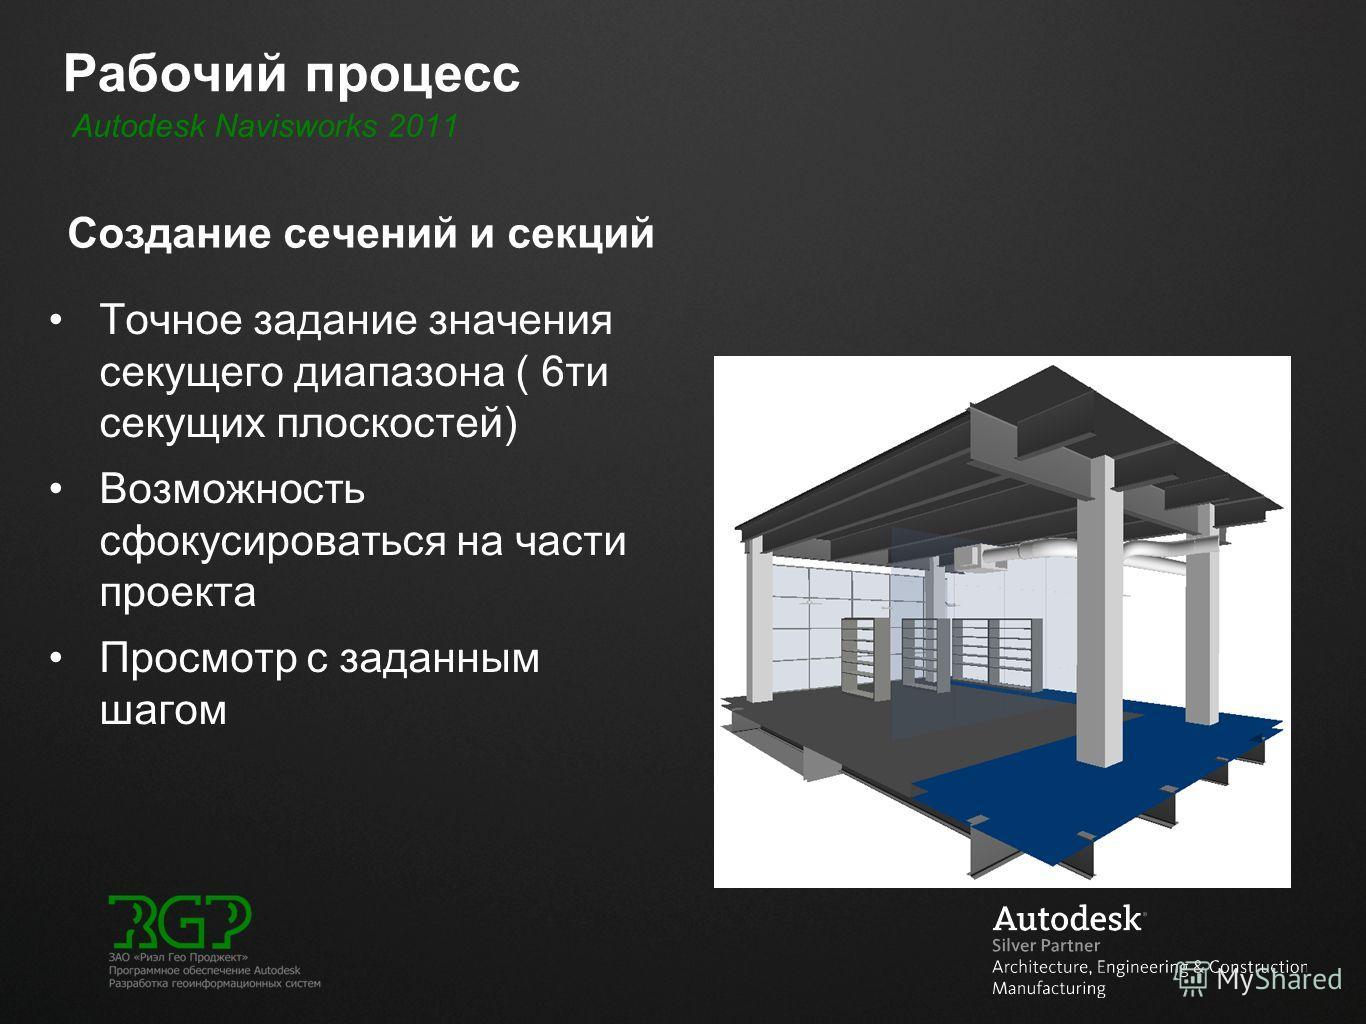 Точное задание значения секущего диапазона ( 6ти секущих плоскостей) Возможность сфокусироваться на части проекта Просмотр с заданным шагом Создание сечений и секций Рабочий процесс Autodesk Navisworks 2011